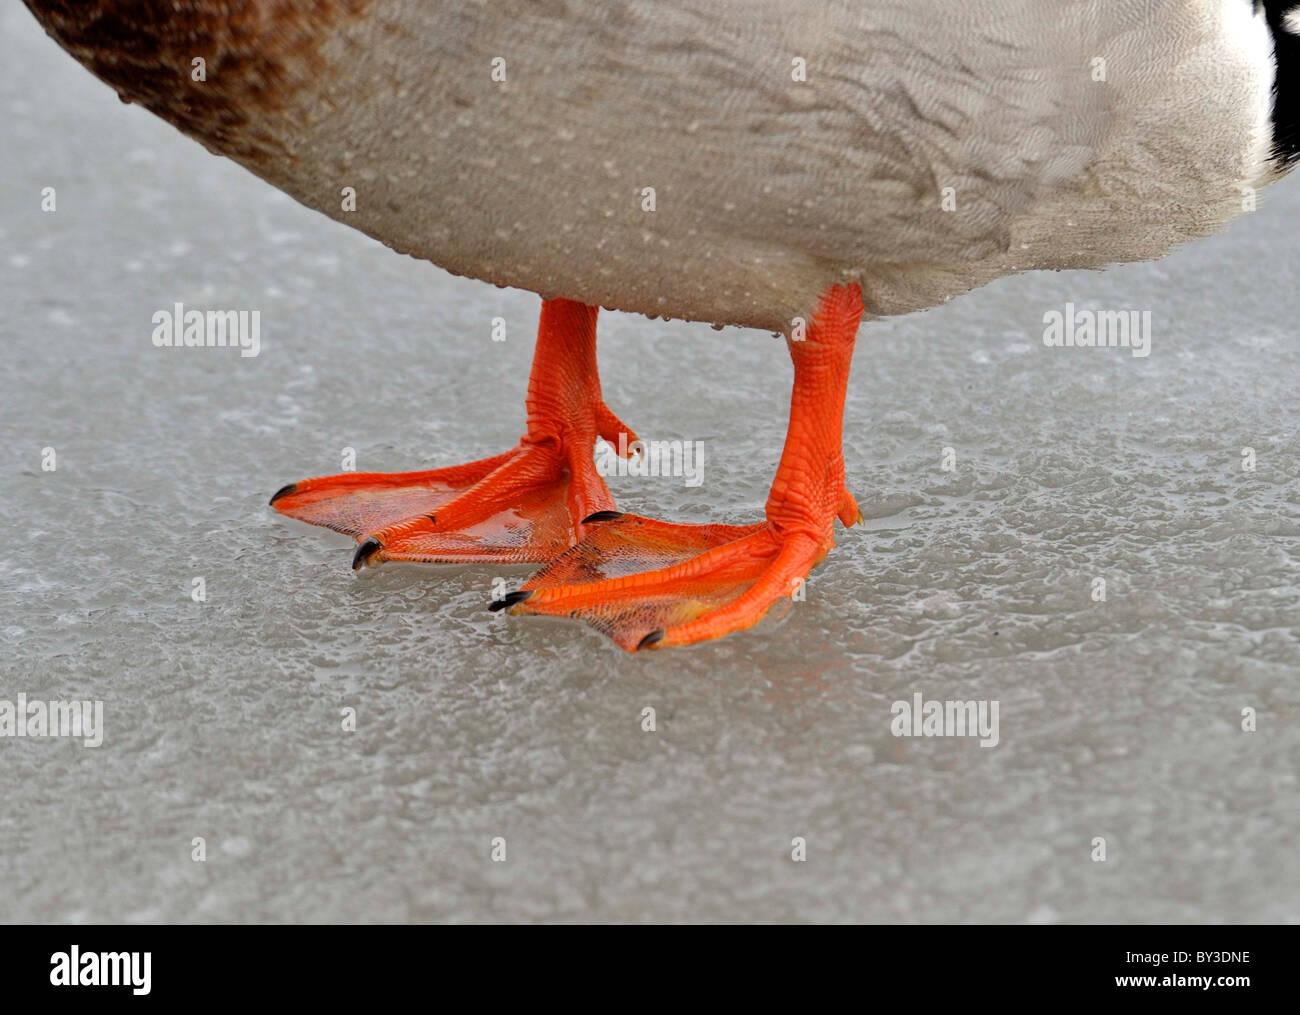 Types of Bird's feet. On ice. DUCK. WEBBED FEET - Stock Image